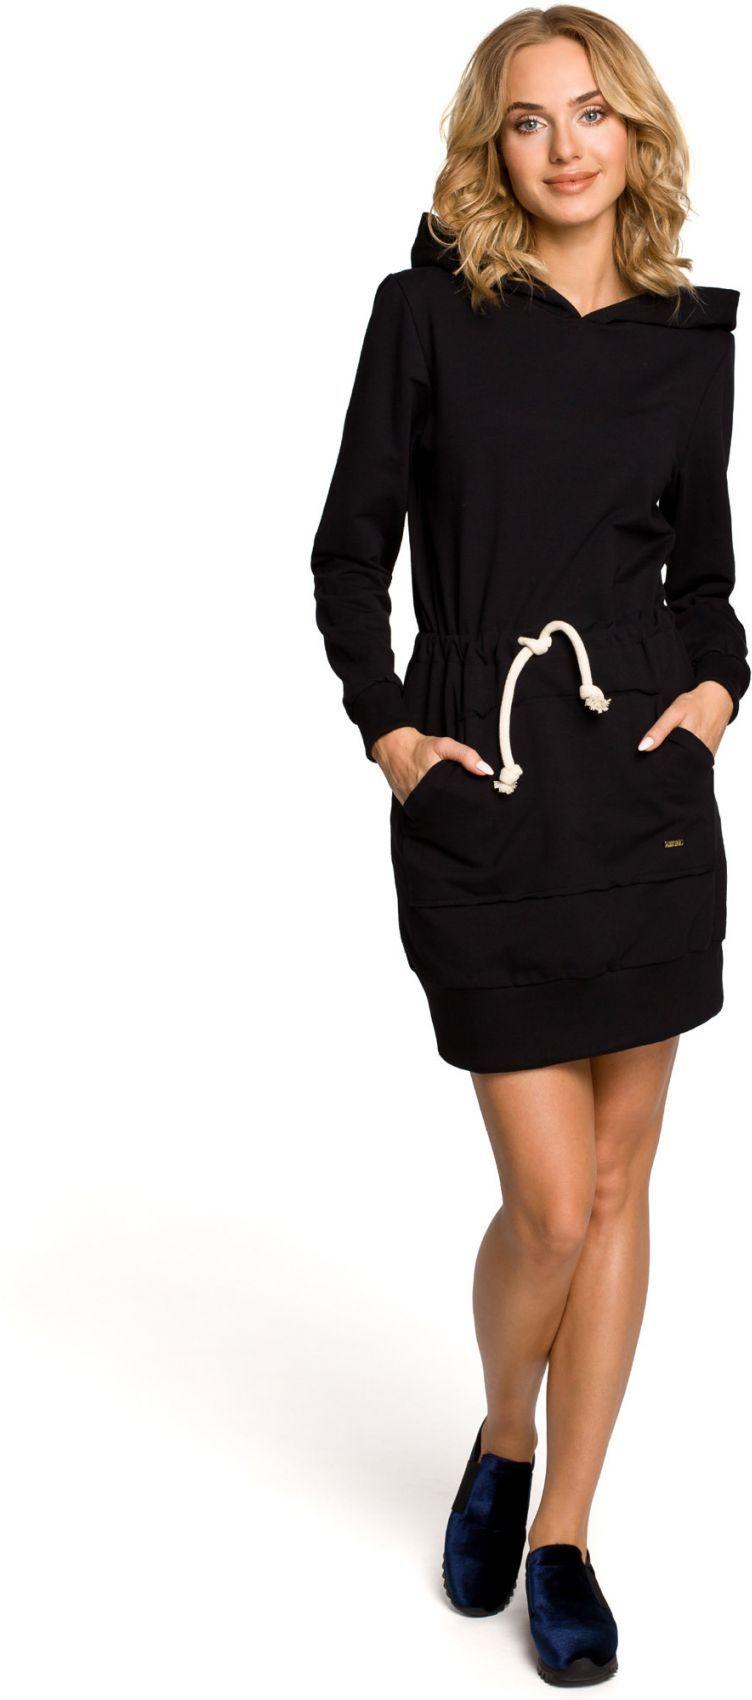 M116 Dresowa sukienka kangurka z kapturem - czarna